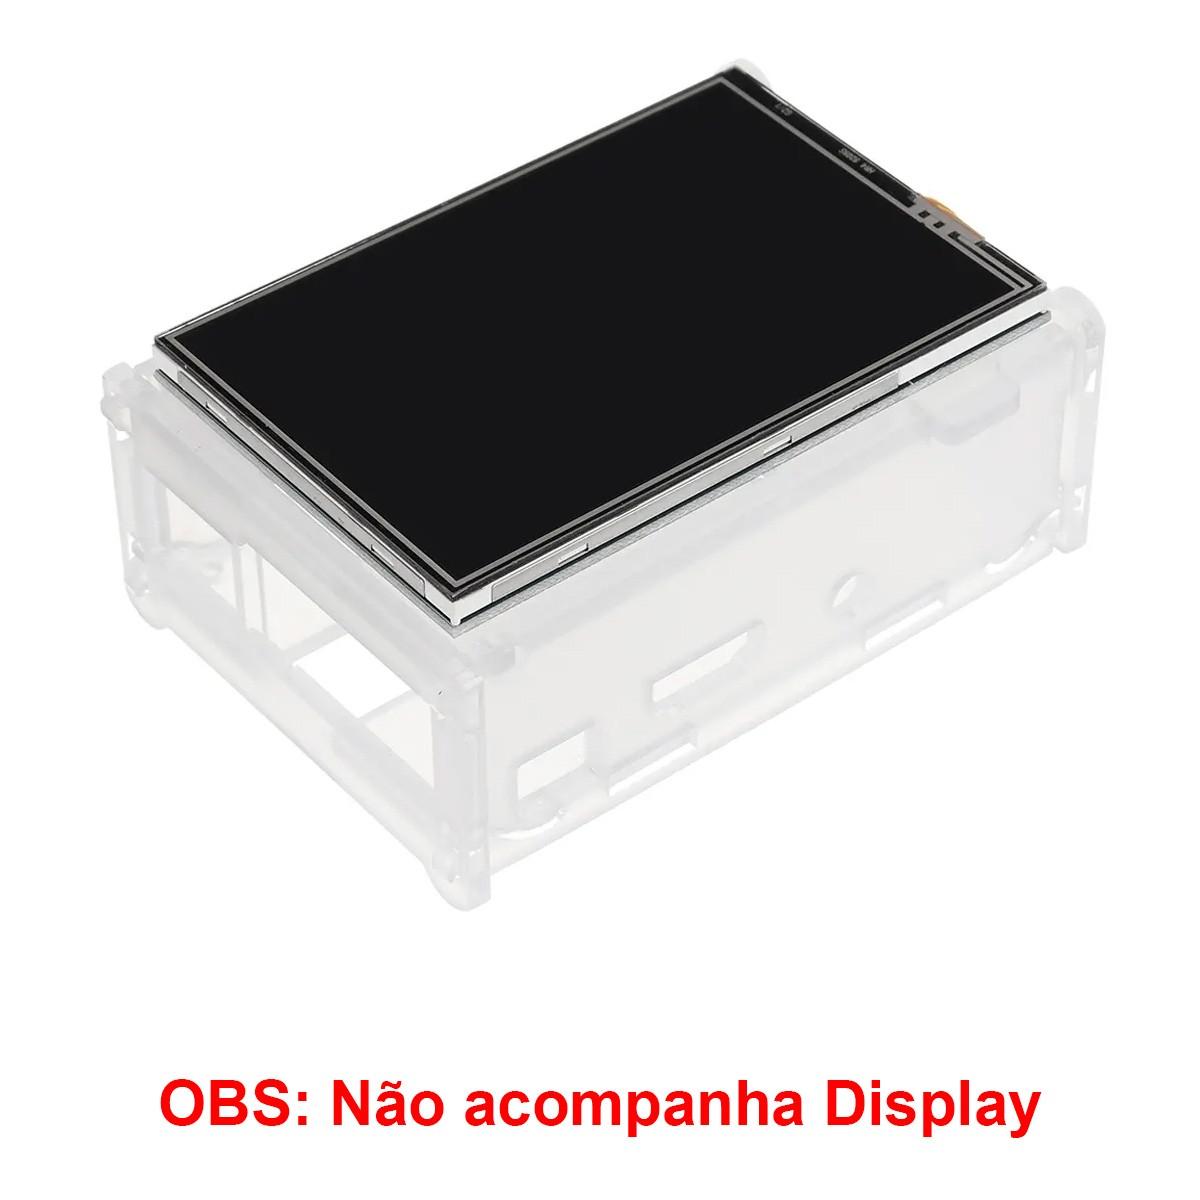 Case de Acrílico (apenas case) para Raspberry Pi 3, 2 B, B+ suporta Display 3.5 Polegadas